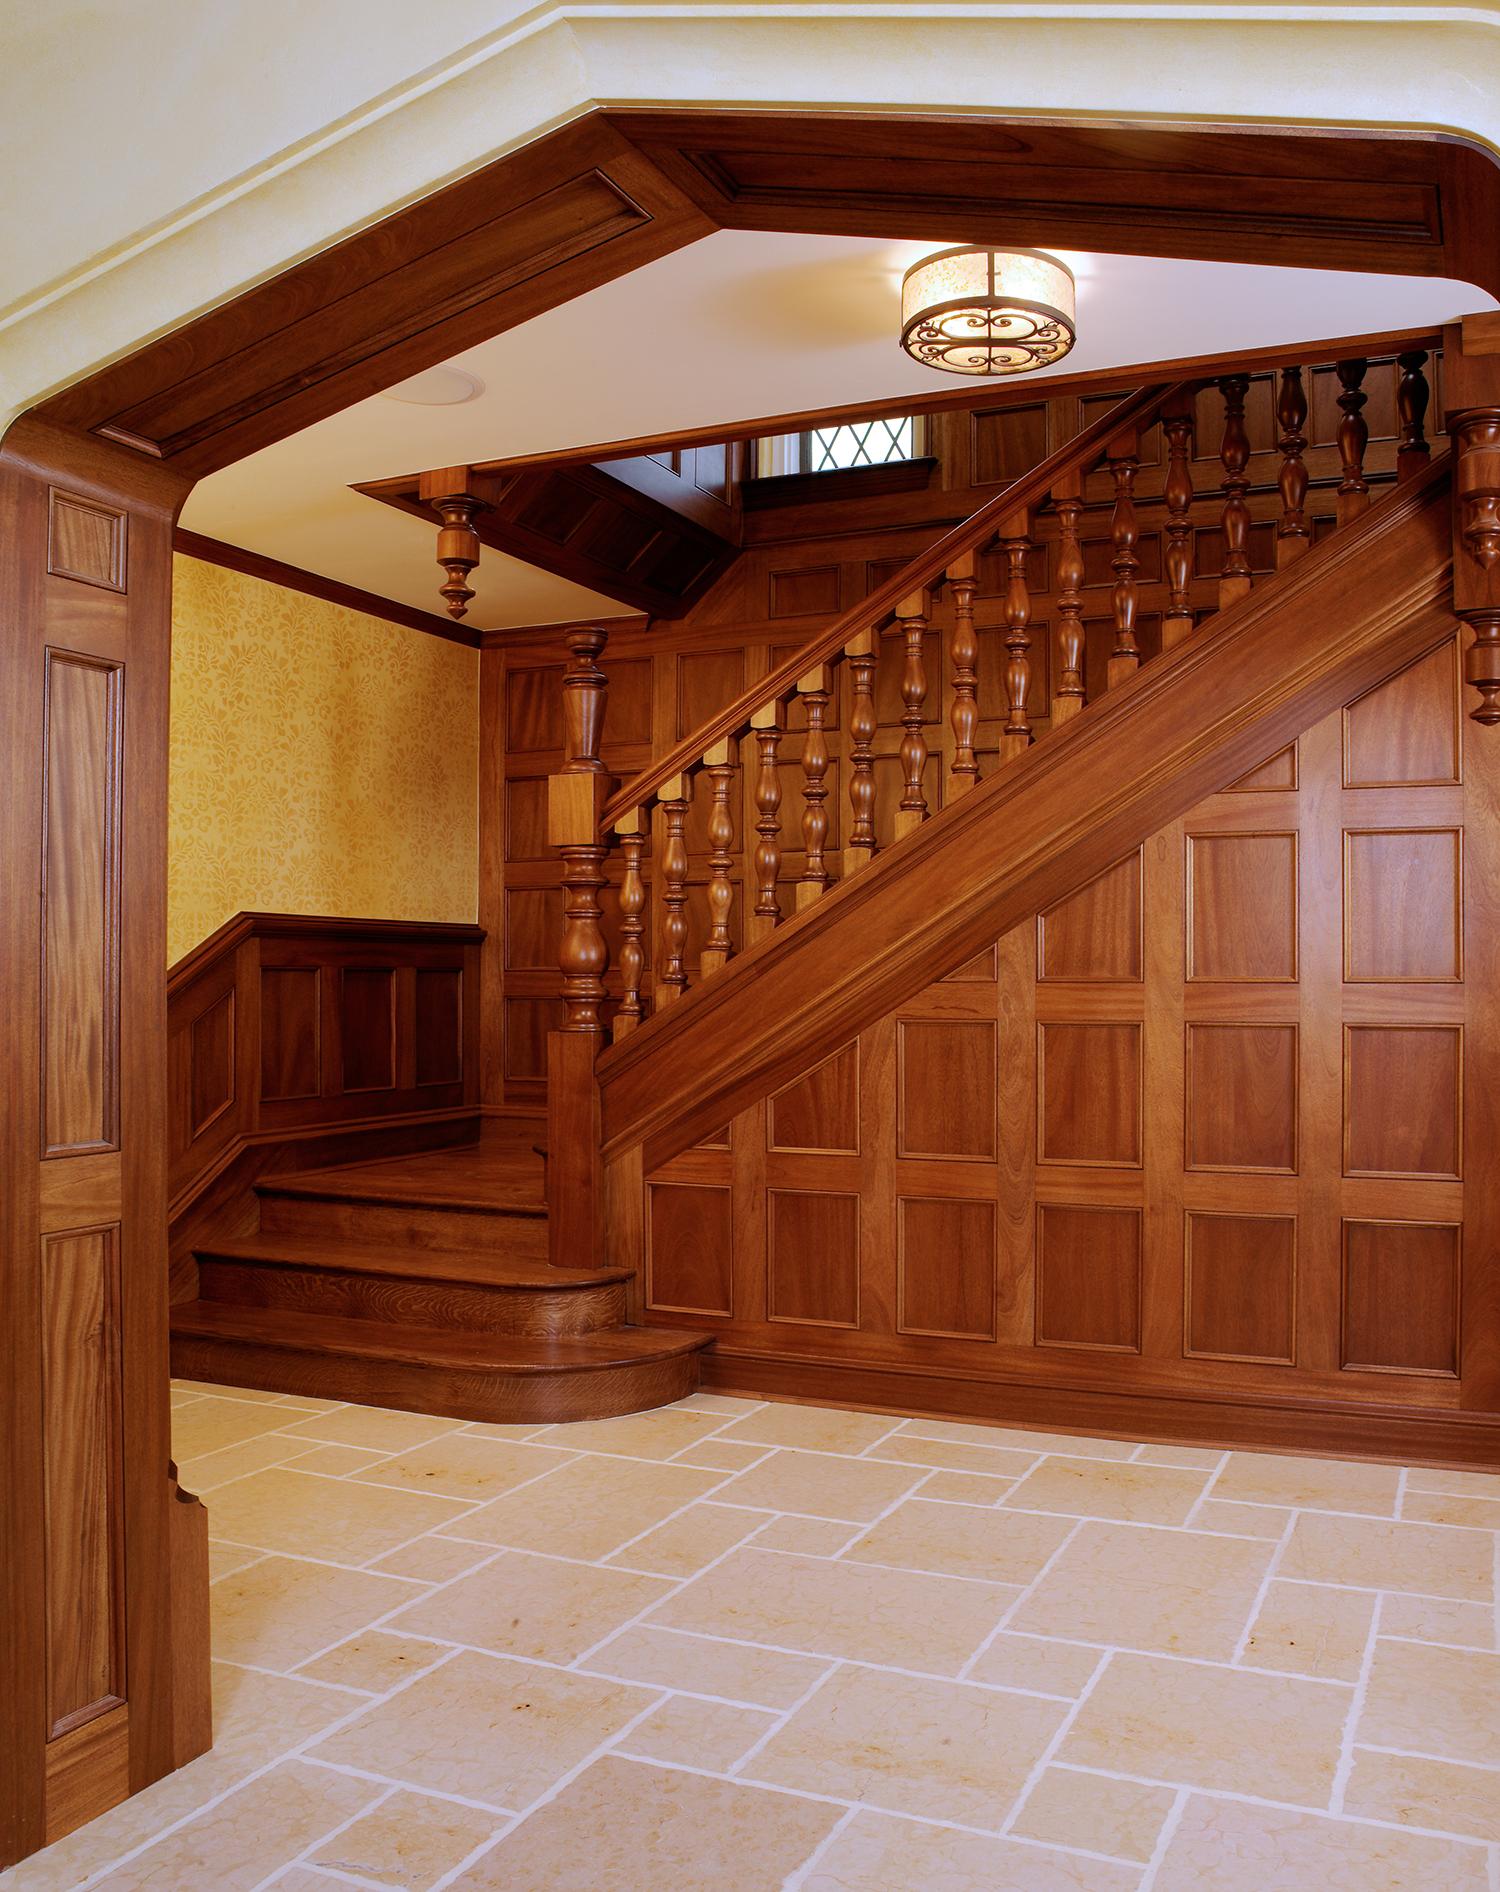 210-Vine-foyer-jamb.jpg